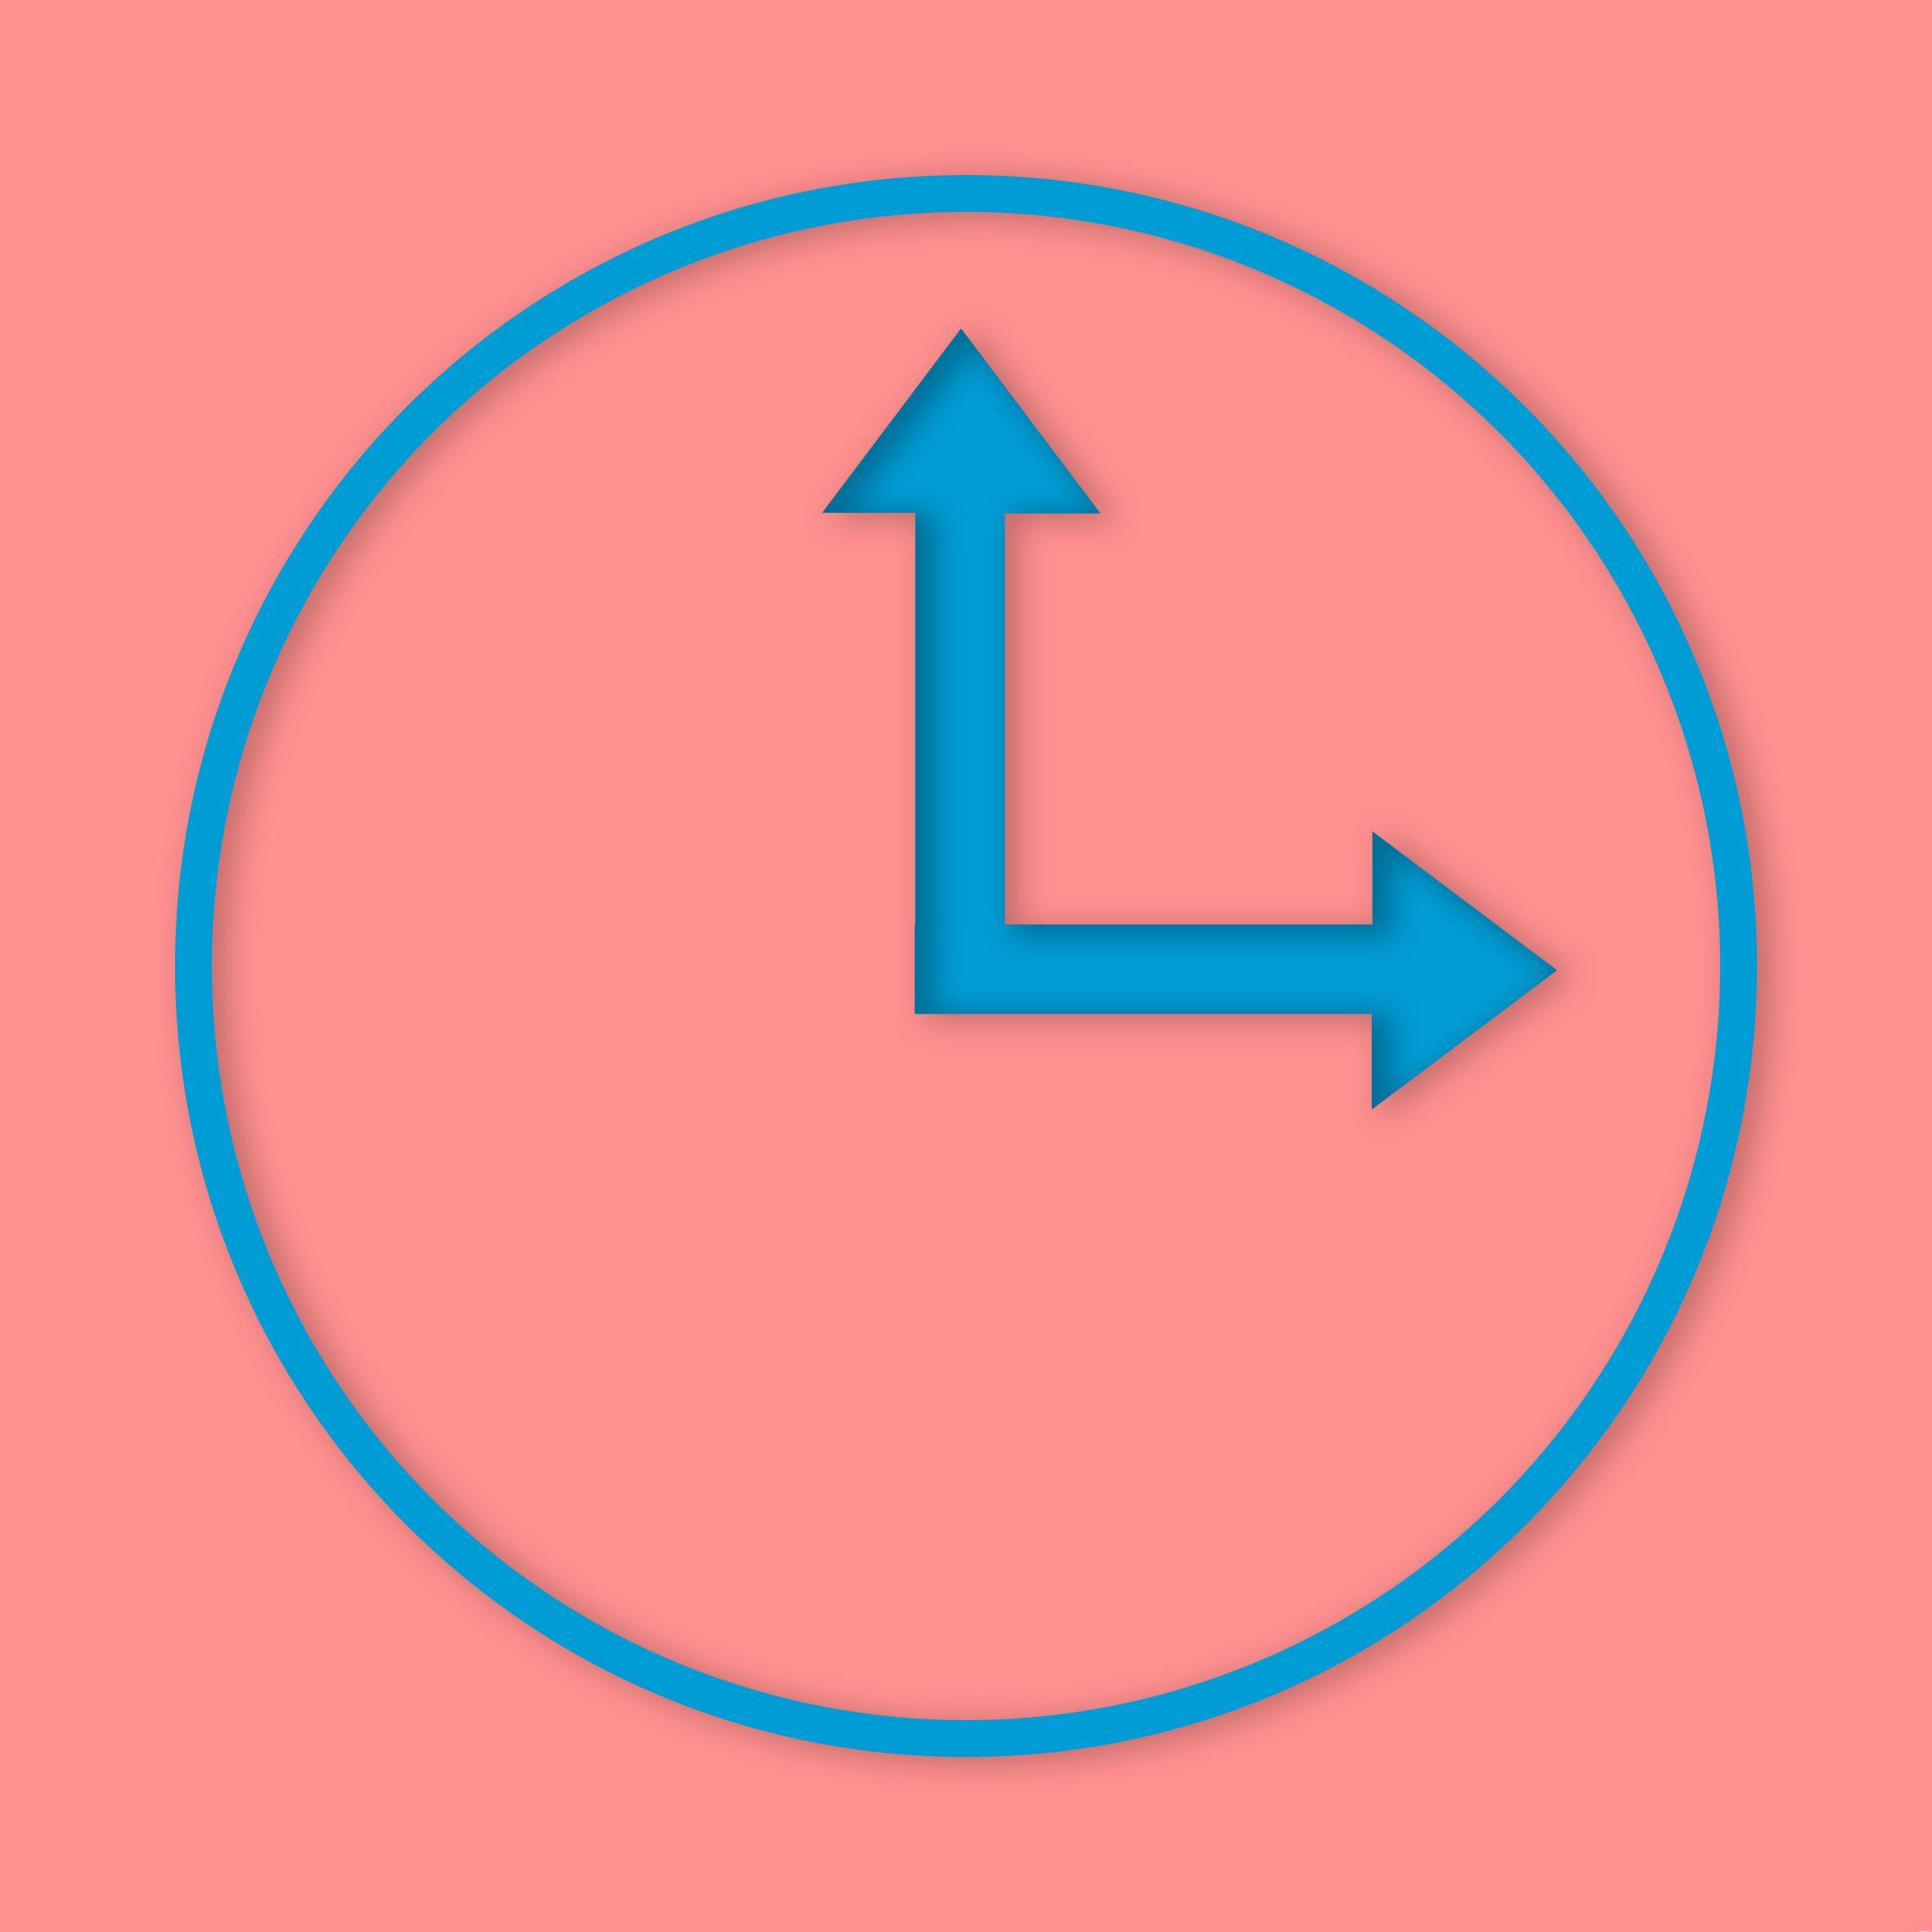 logo logo 标志 设计 矢量 矢量图 素材 图标 2362_2362